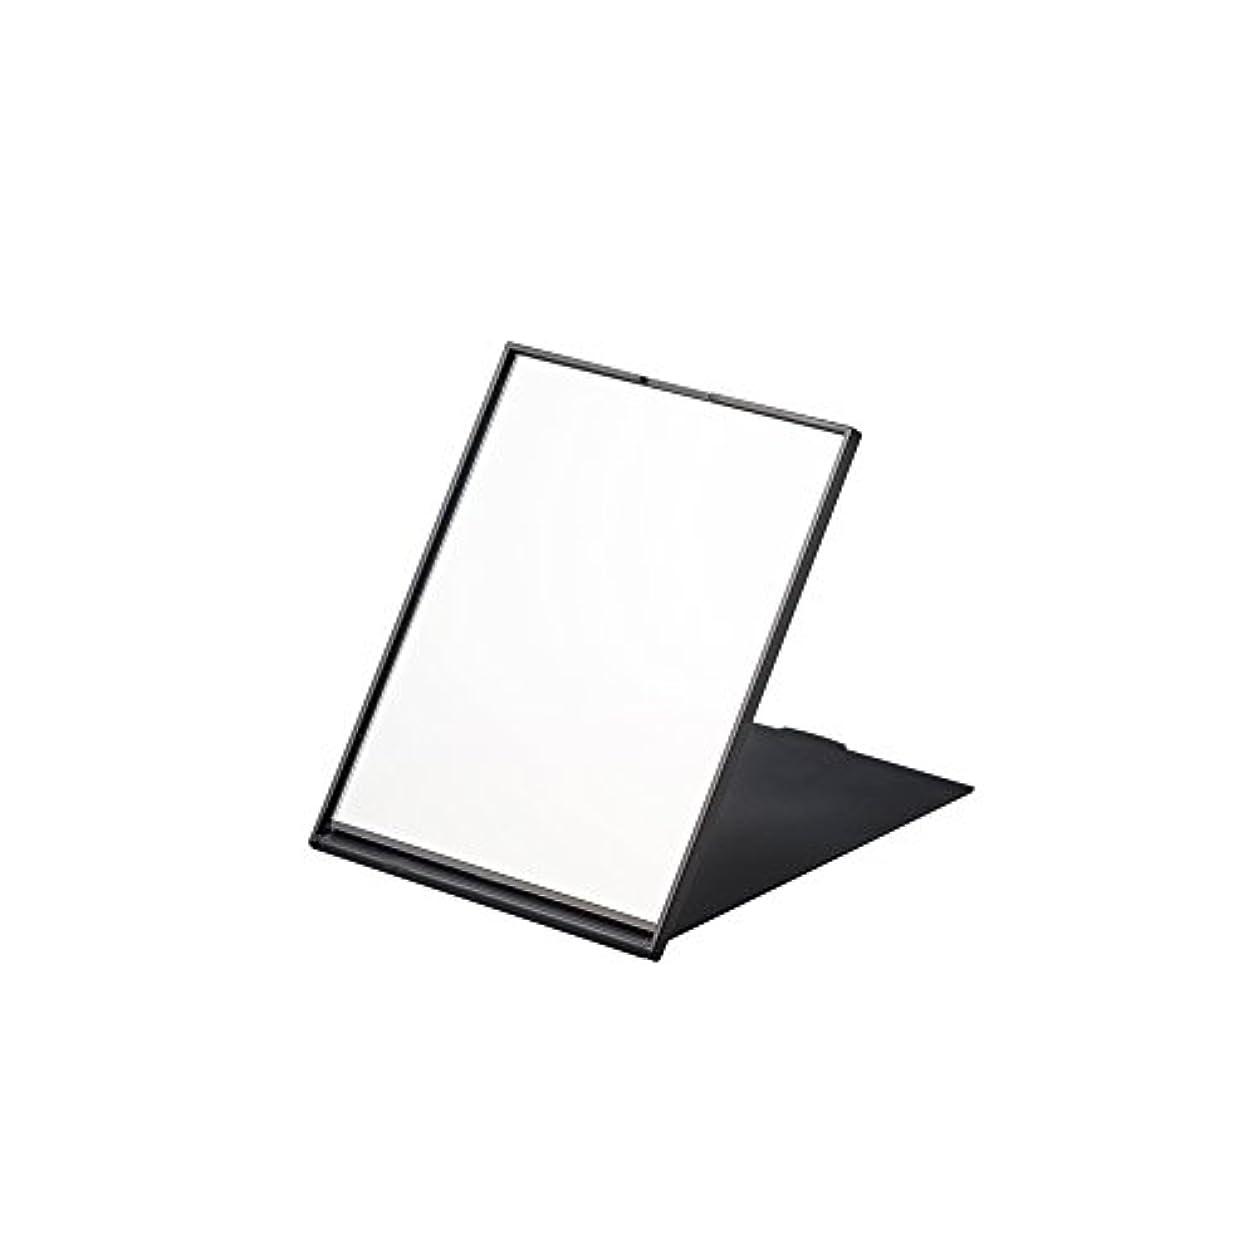 消える道を作る写真を撮るナピュアミラー スリム&ライトコンパクトナピュアミラーM ブラック AM-006BK